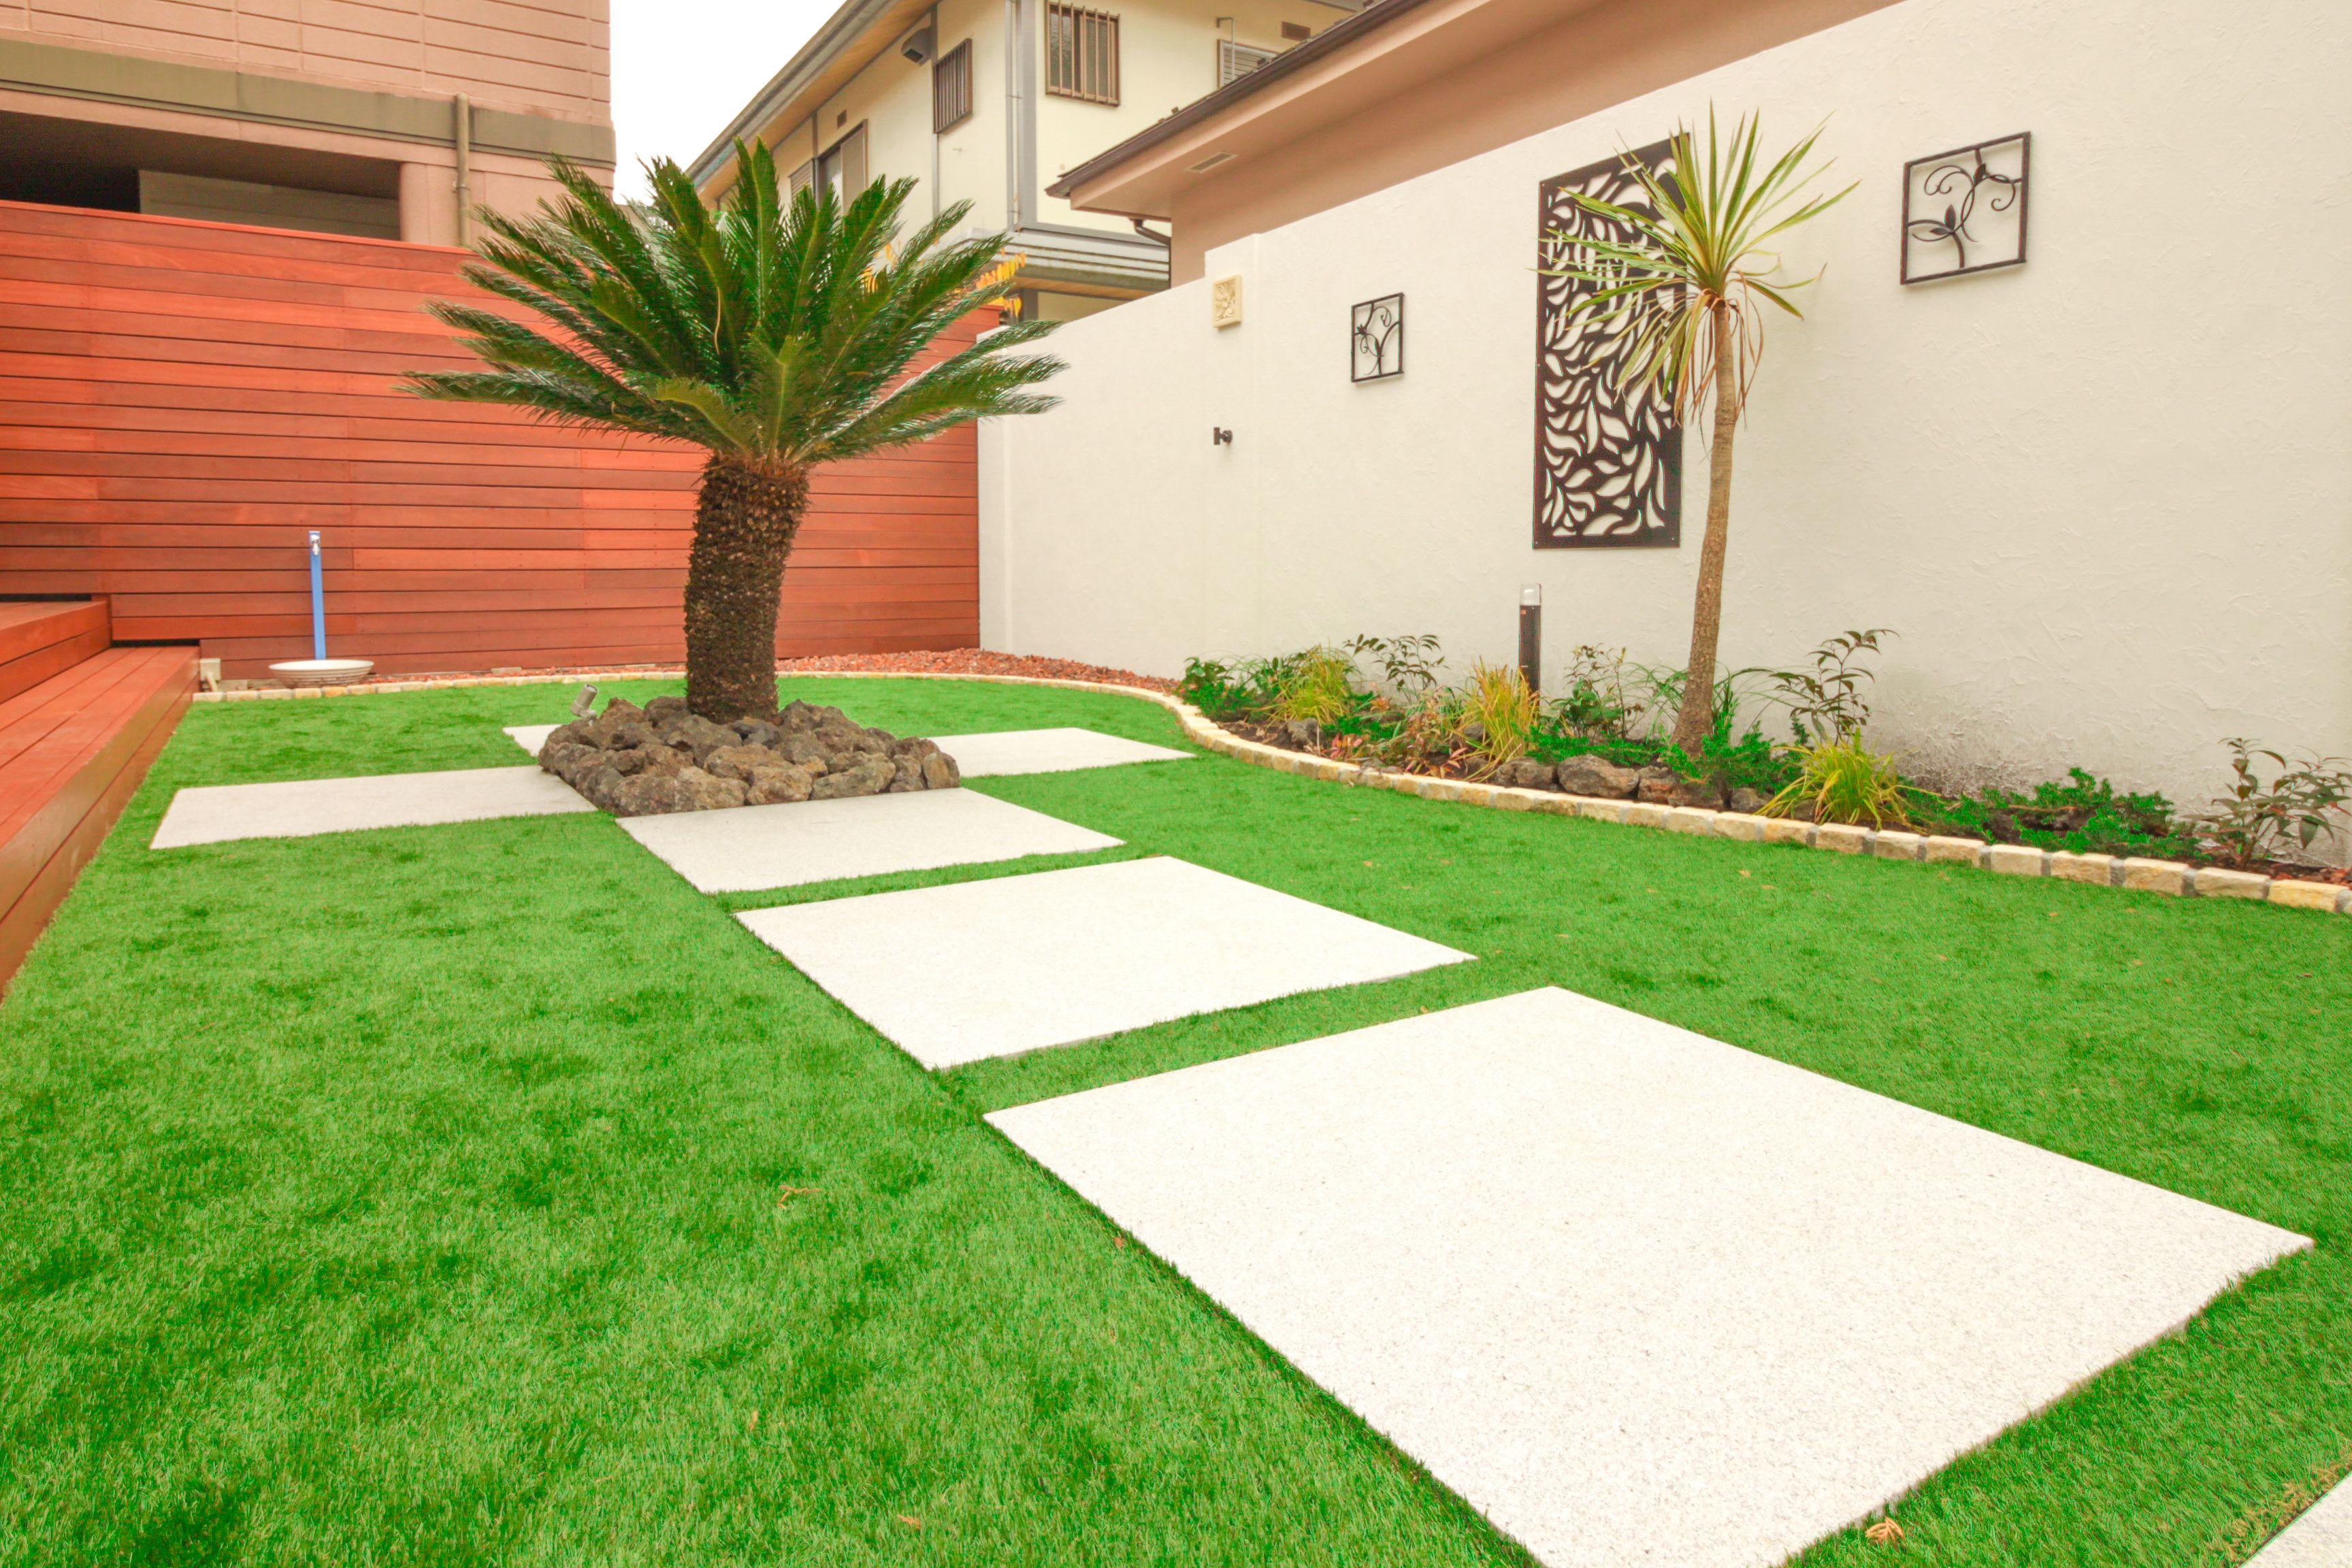 人工芝を張ったお庭に大き目の平板を大胆に敷石 フォーカルポイントとなるソテツをシンボルツリーとして植えたお庭リフォーム 庭 リフォーム 外構 ウッドデッキ ソテツ ハワイアン ハワイ風 シンボルツリー 植栽 風景彫刻 ソテツ 庭